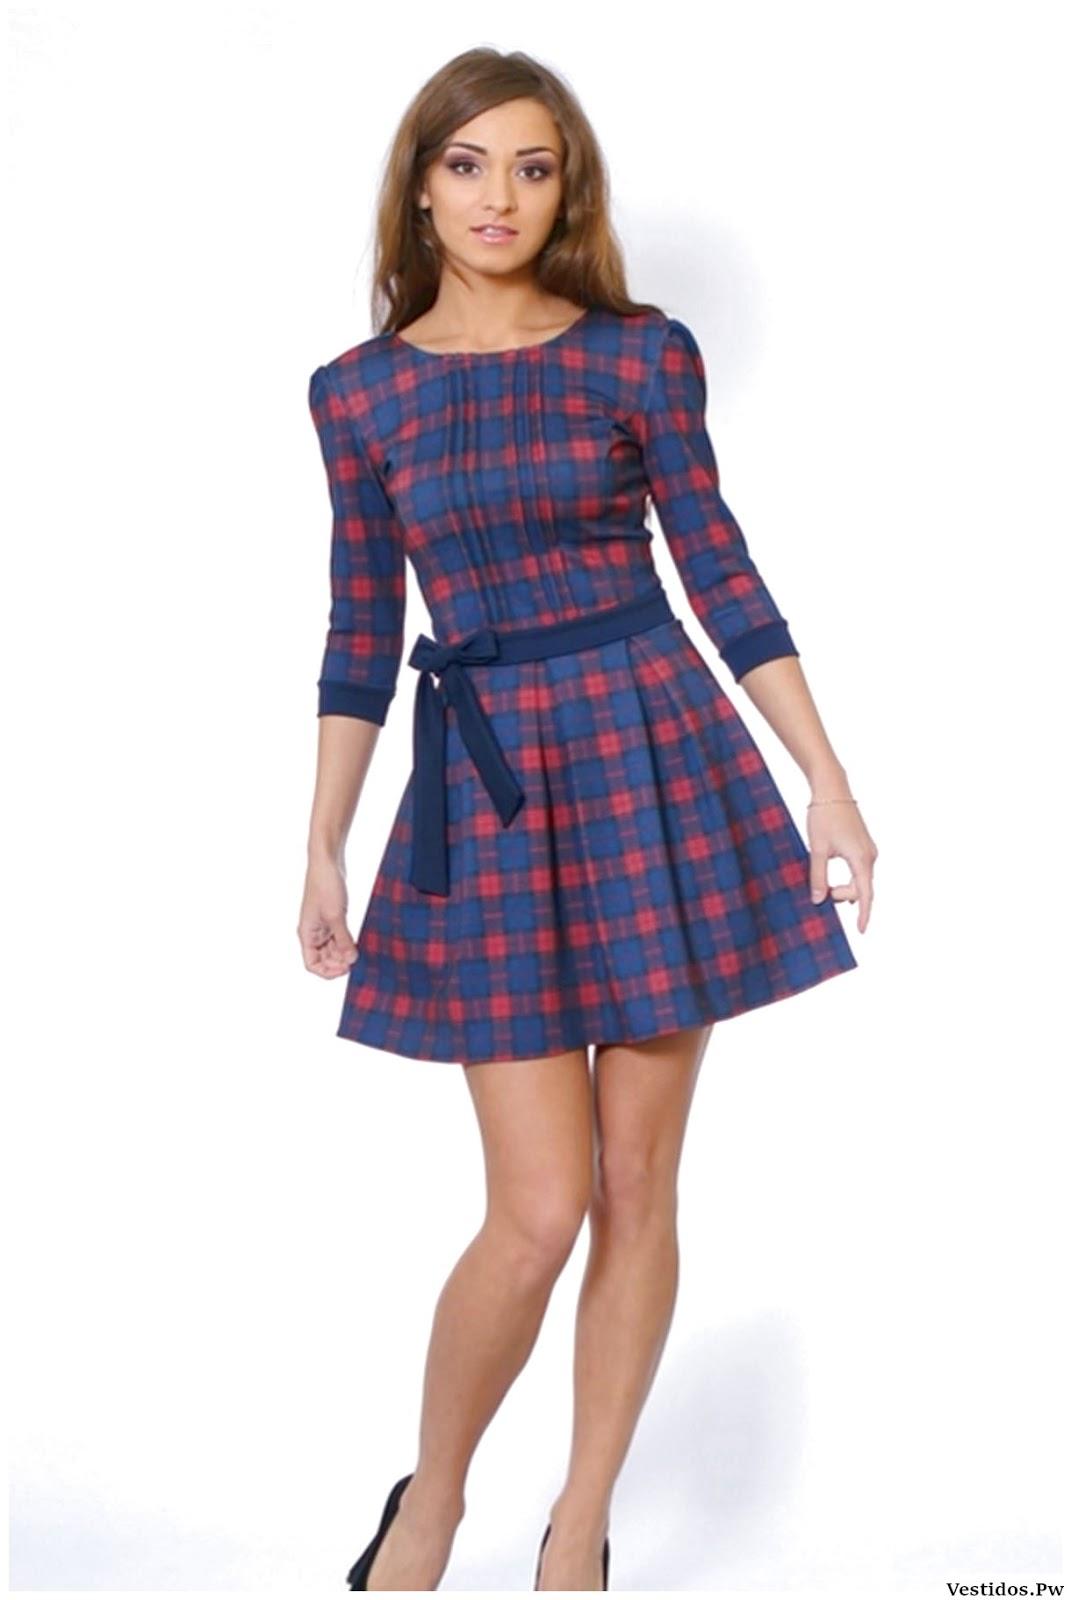 Vestidos Formales para Oficina 2018 ¡Moda Mujer! | Vestidos | Moda ...